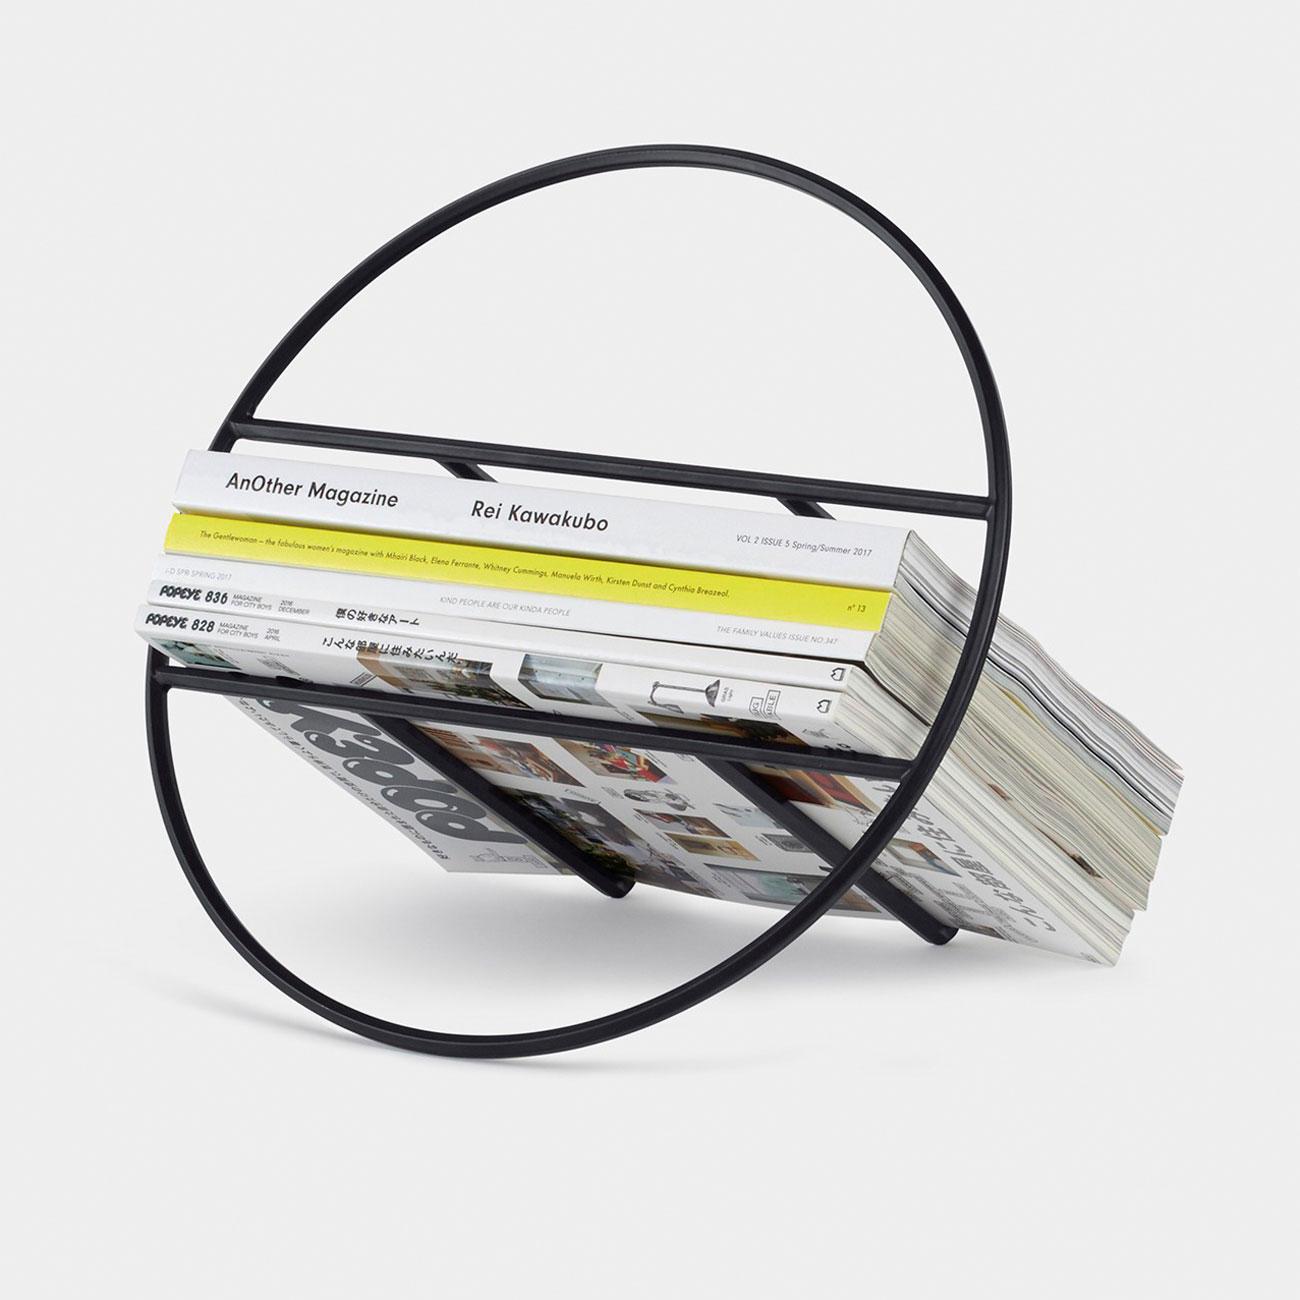 Acheter porte revues et disques design en ligne pas cher - Porte revues pas cher ...